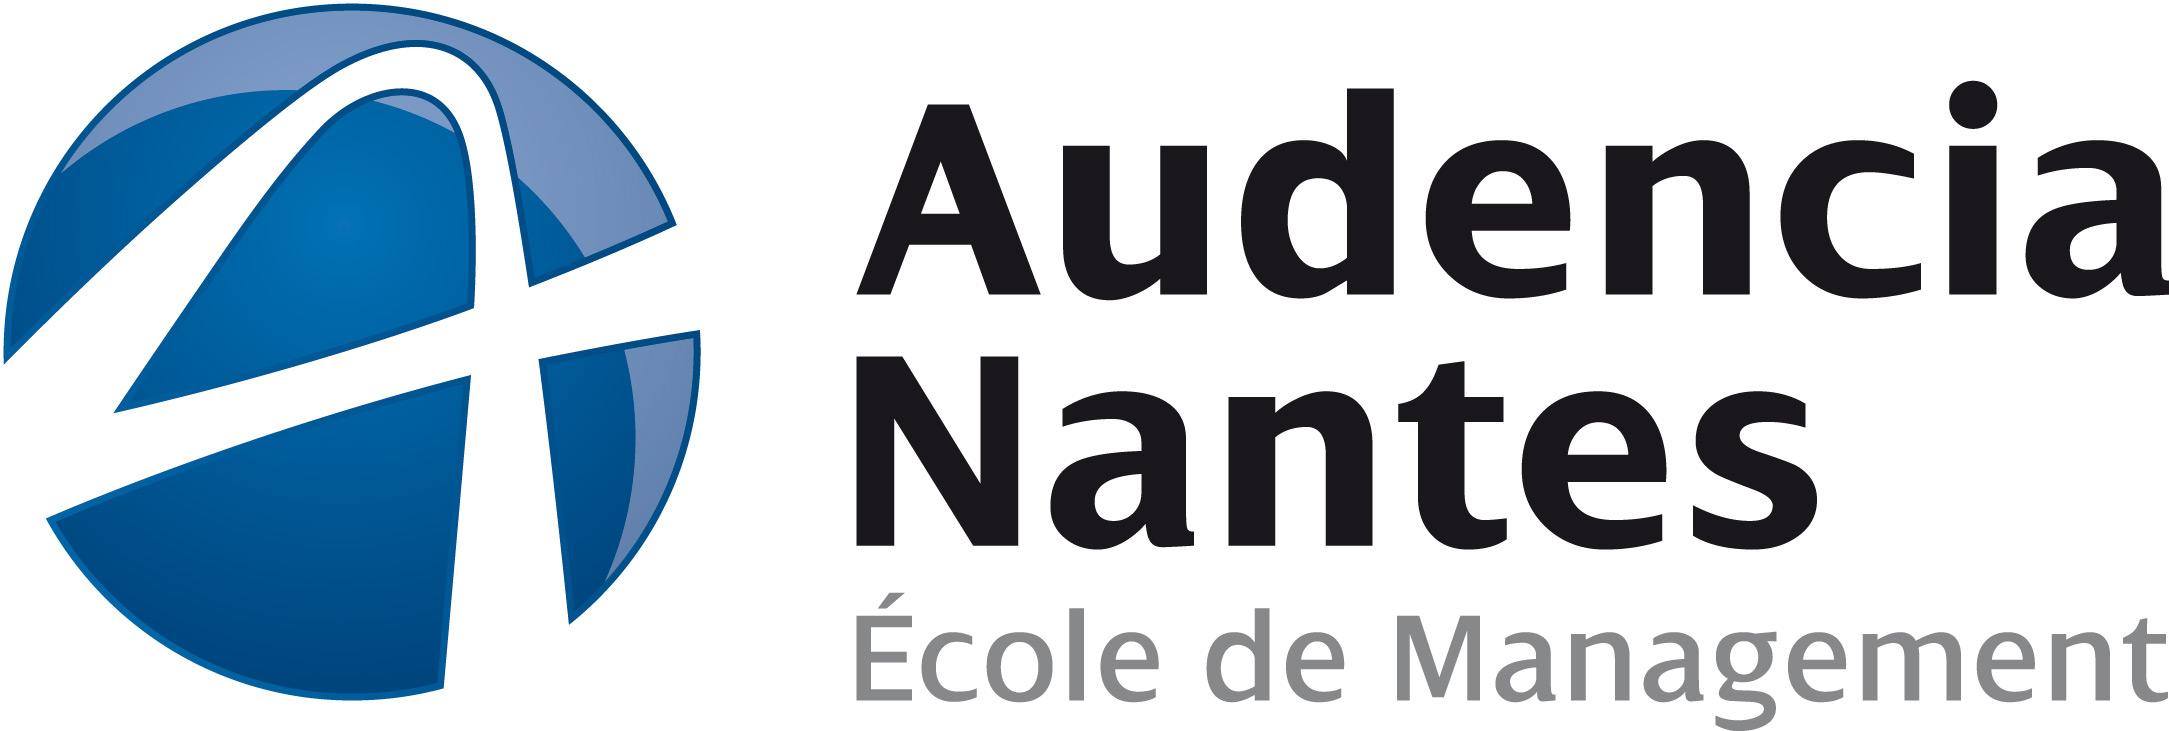 audencia_logo